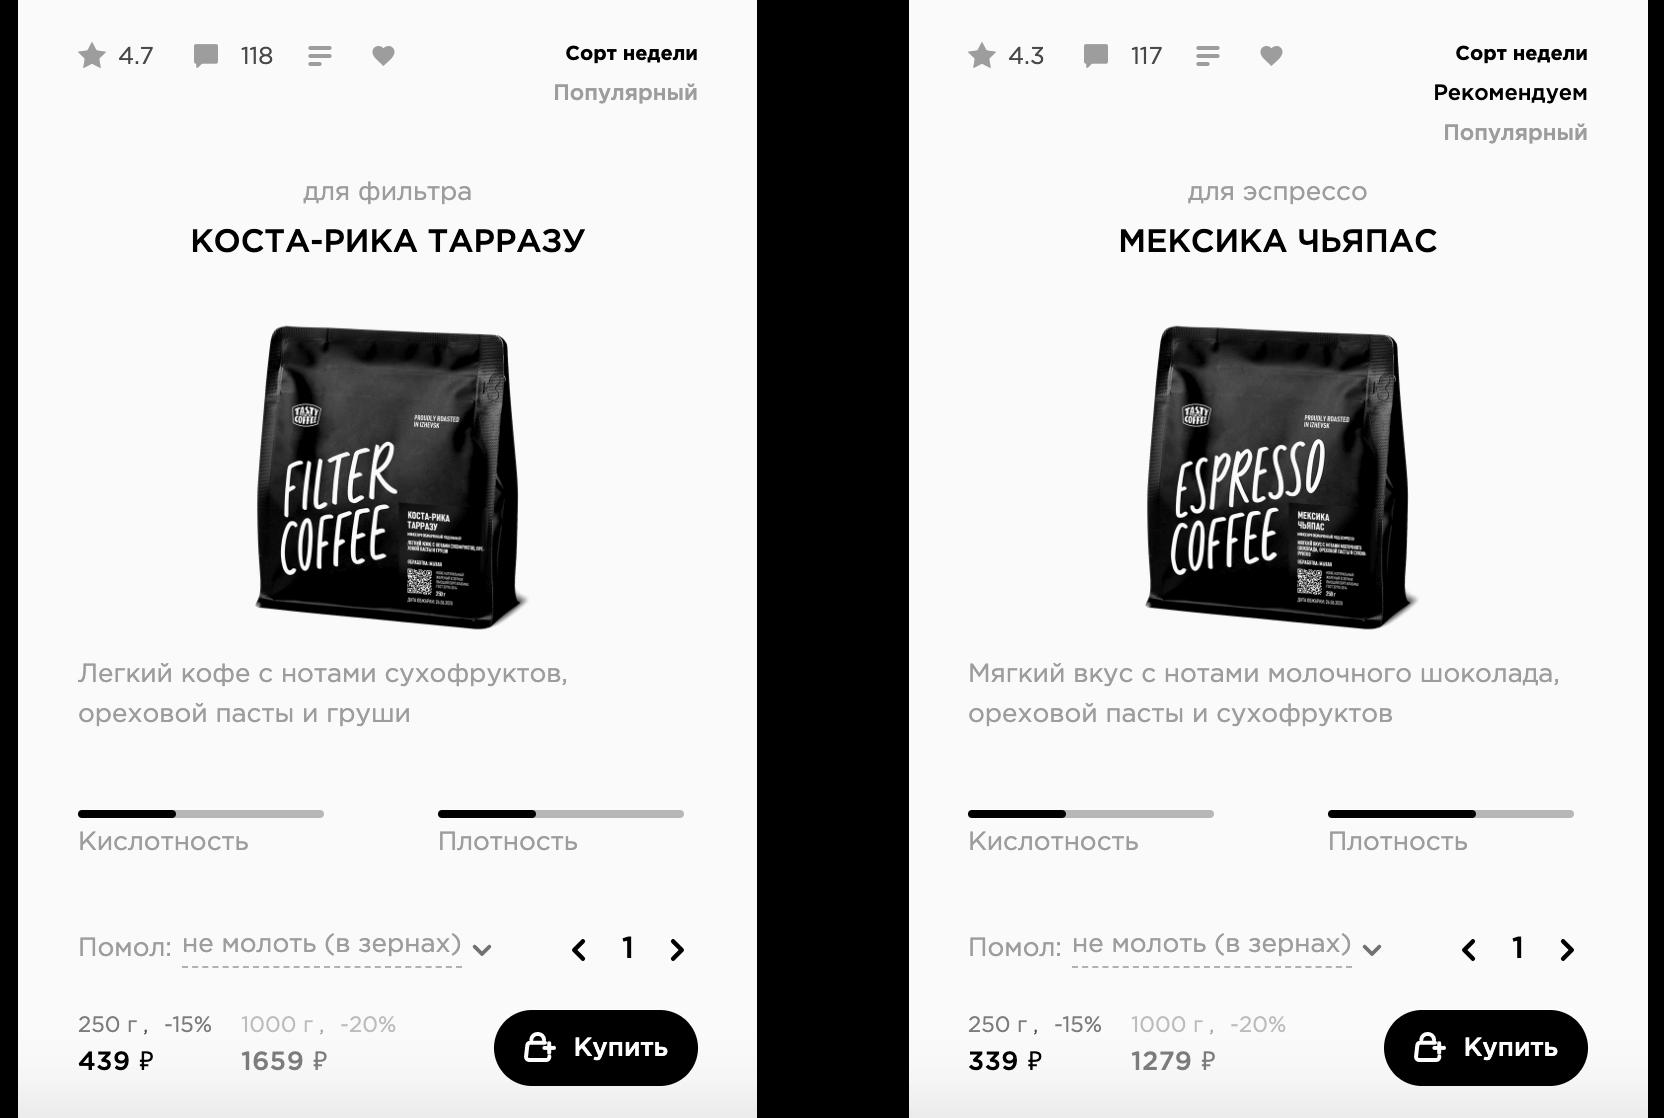 Кофе для эспрессо и альтернативных способов заваривания